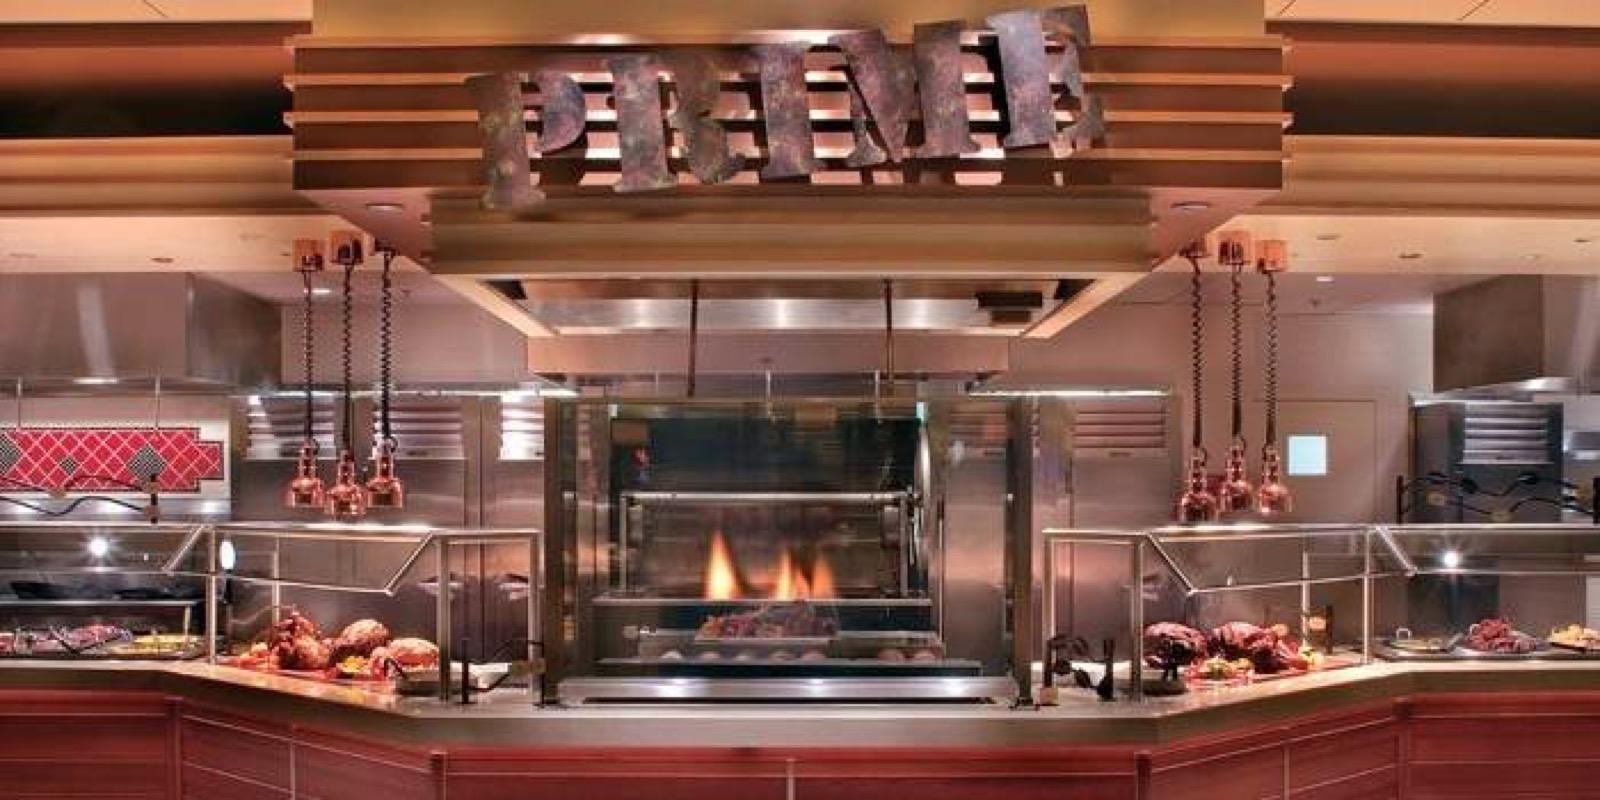 Nevada Salle De Bain les buffets de las vegas - bons plans voyage las vegas » nevada